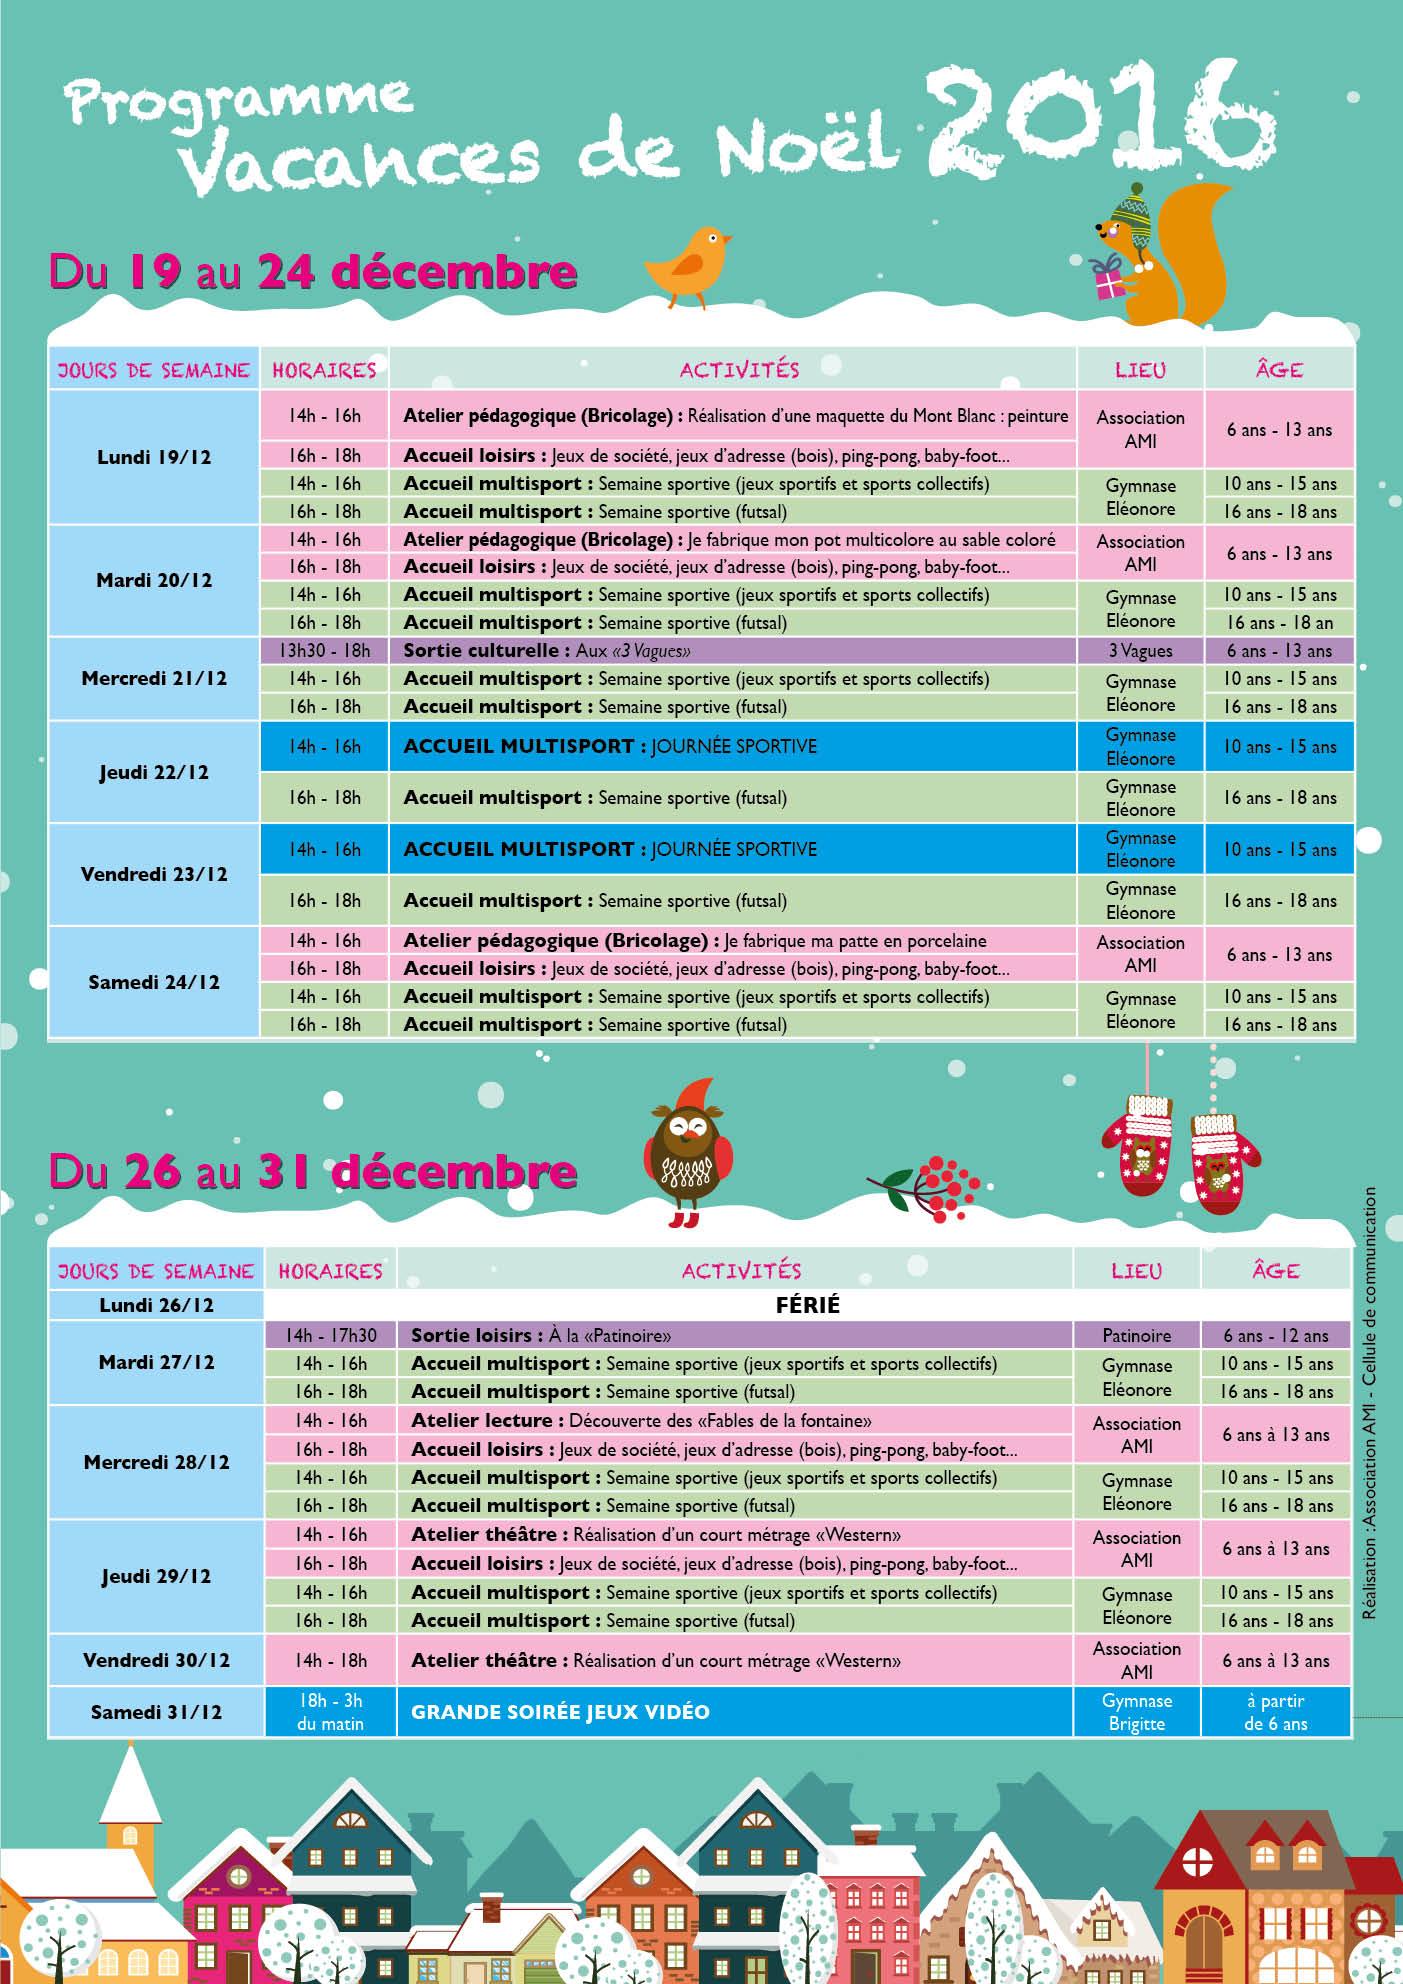 Programme des Vacances de Noël